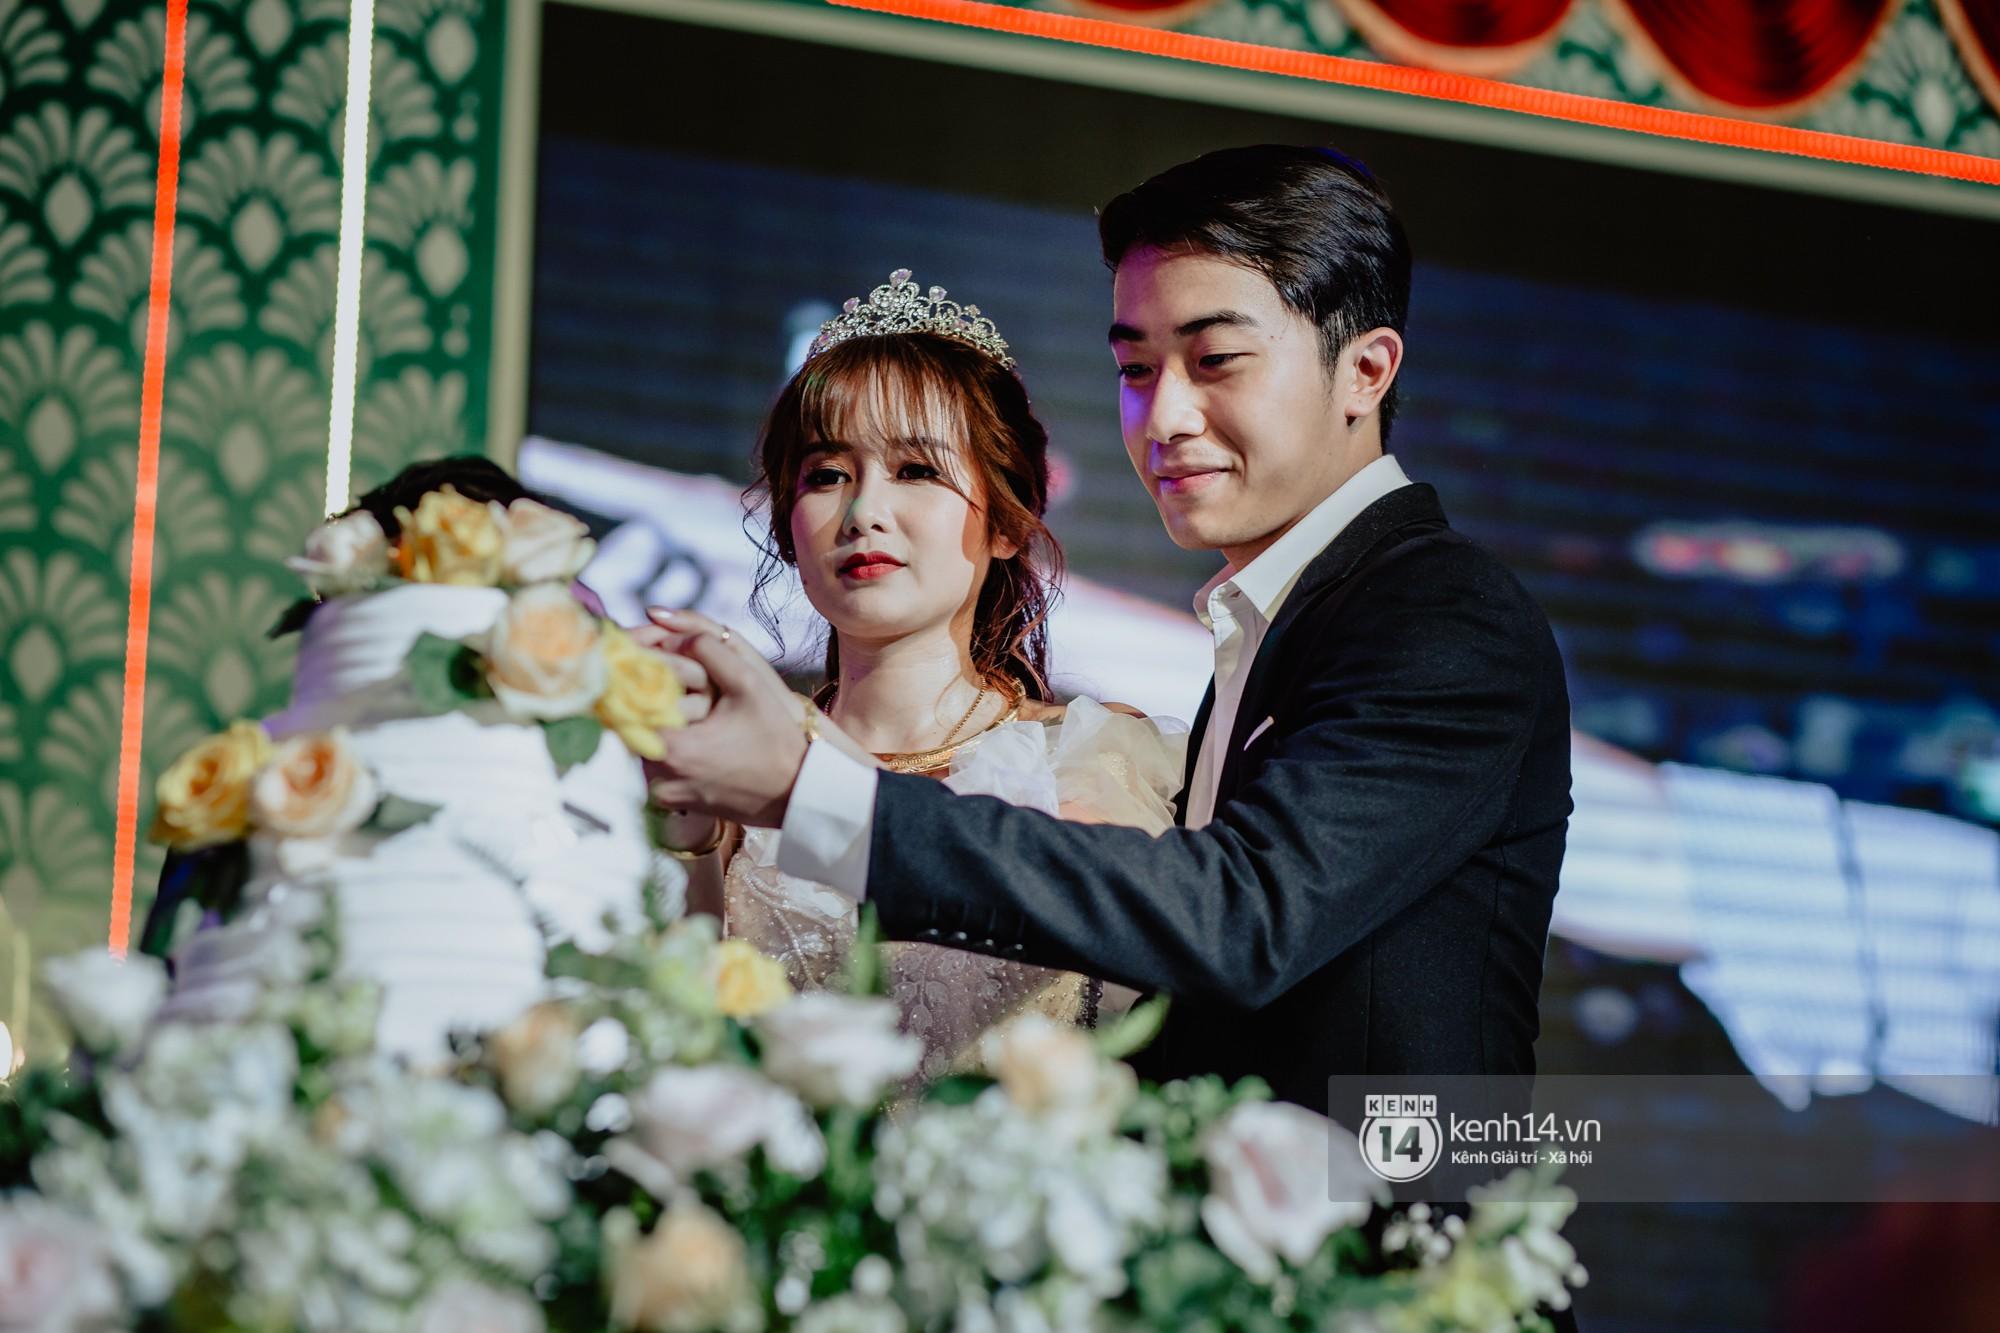 Xem hết một lượt những khoảnh khắc đẹp lịm tim của Cris Phan và Mai Quỳnh Anh: Cái kết đẹp của mối tình Chị ơi, anh yêu em! - Ảnh 10.